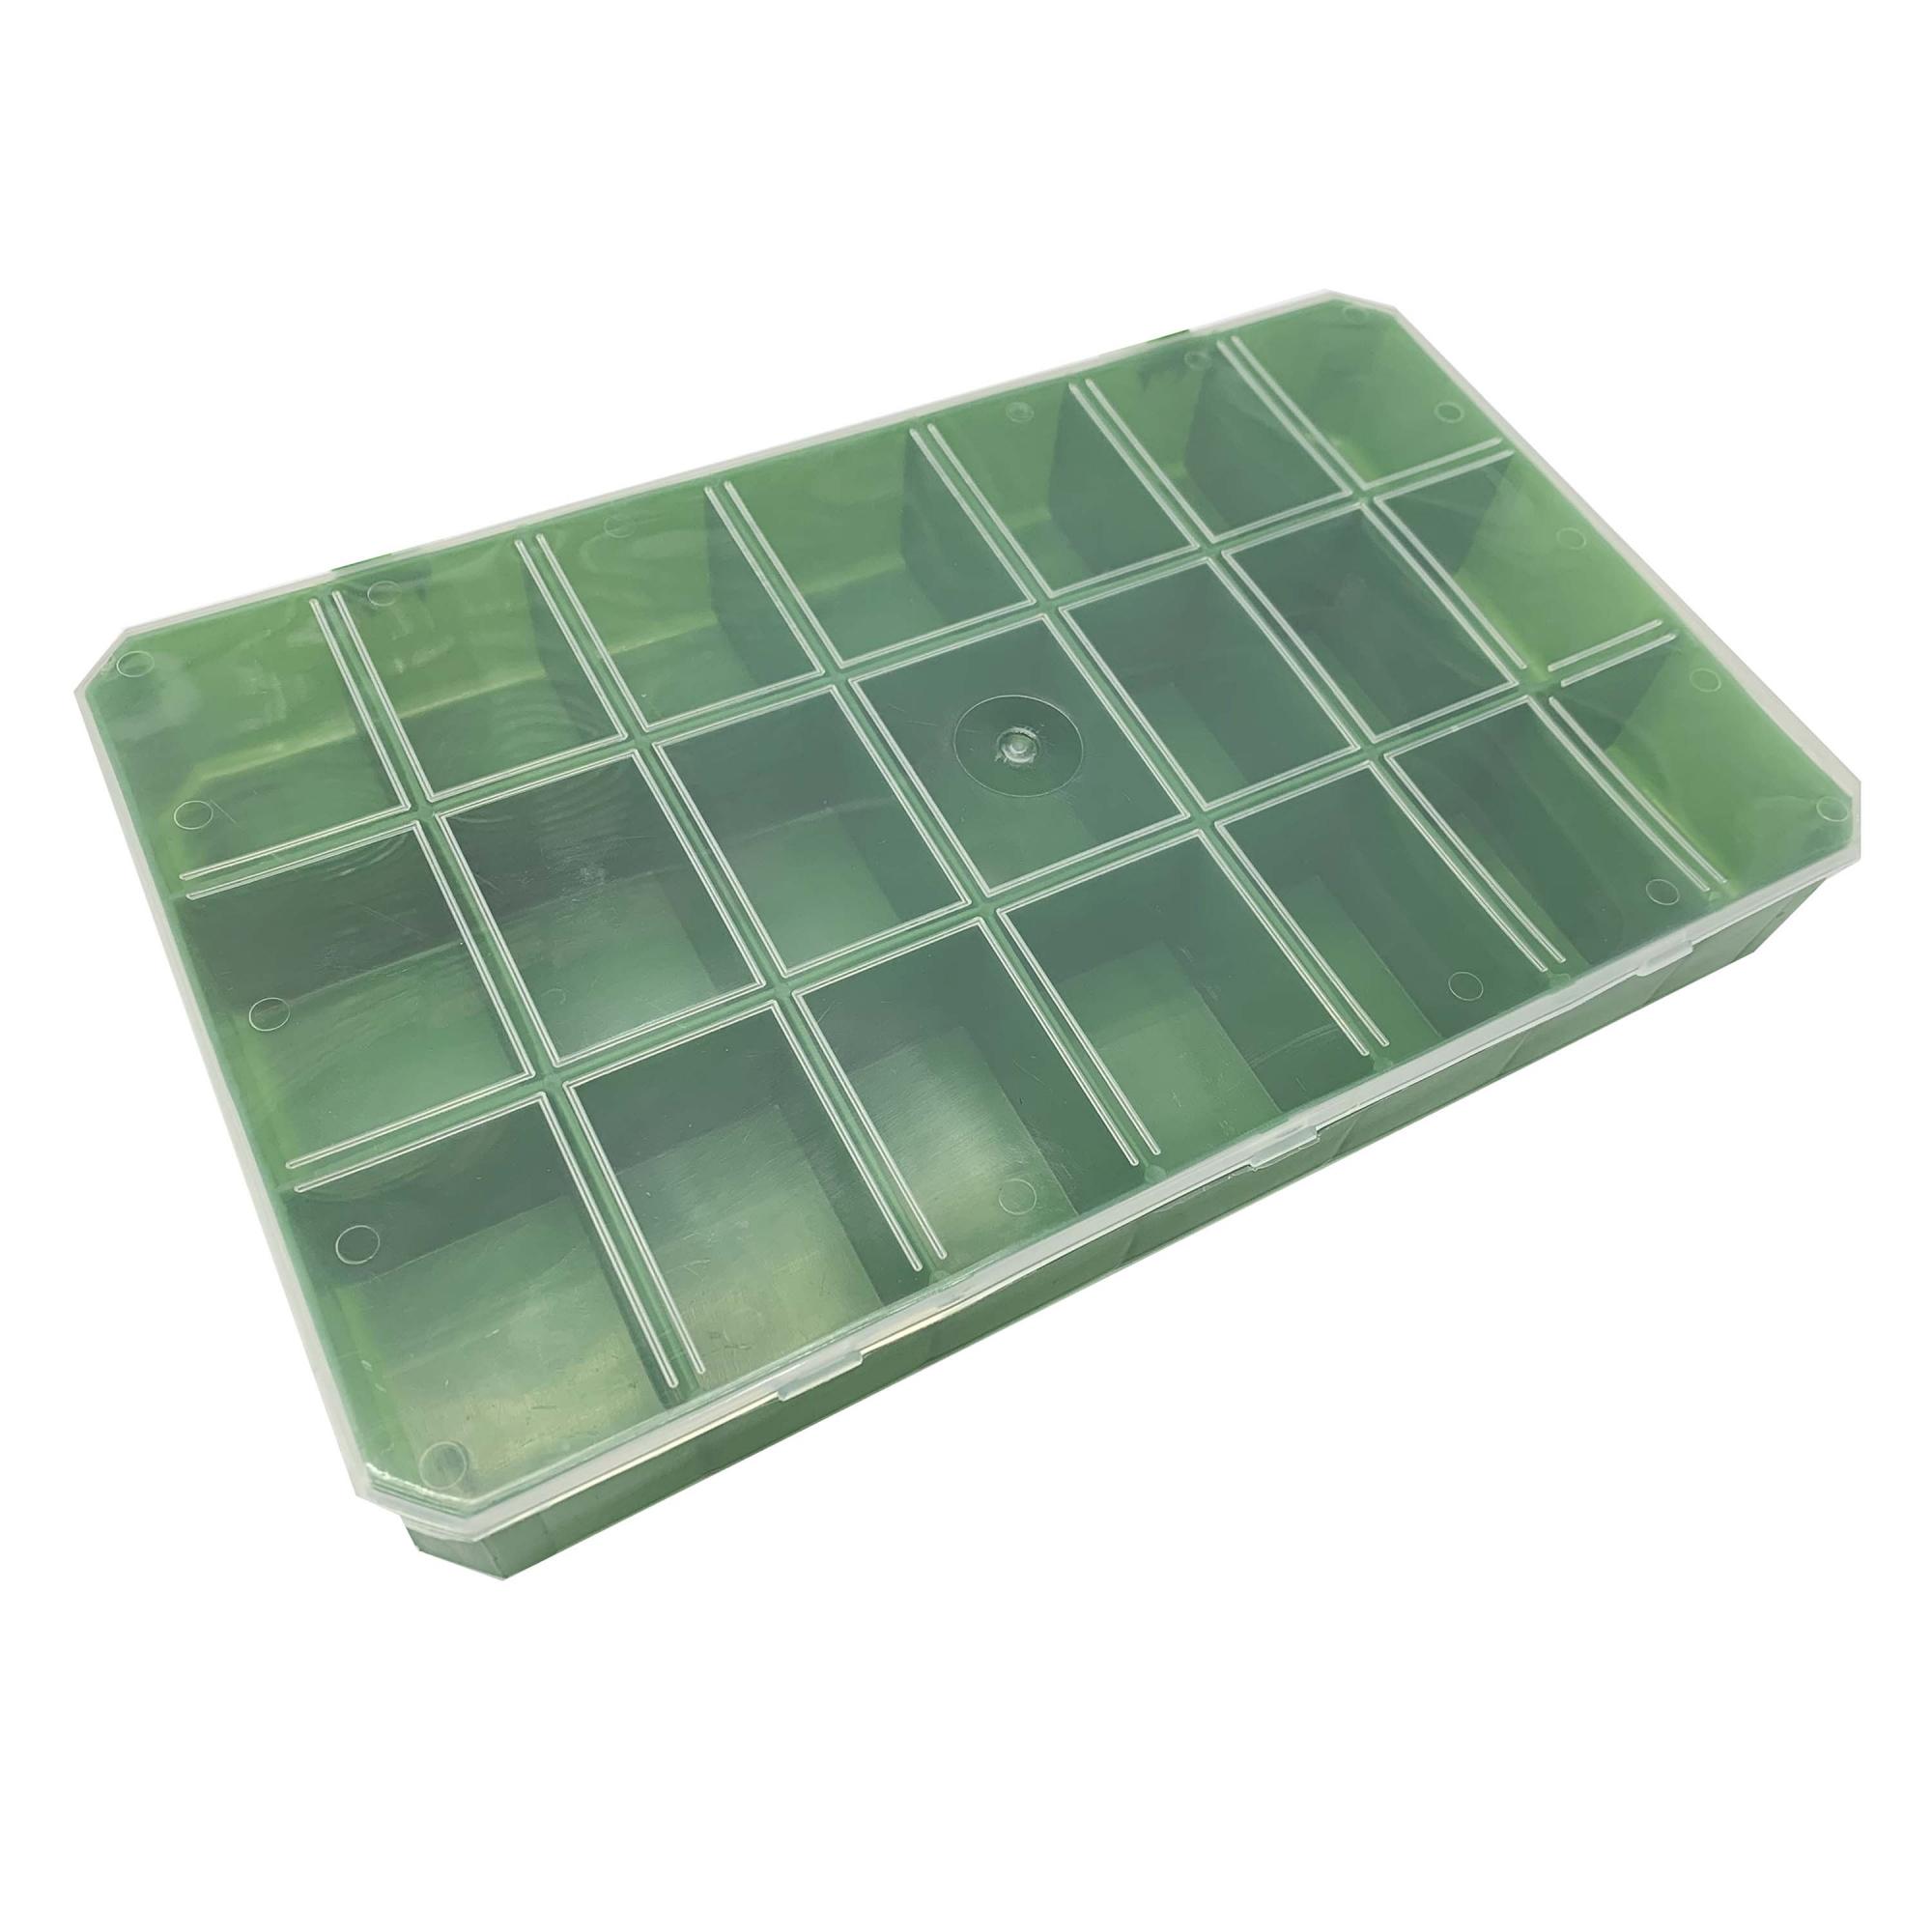 Caixa Organizadora - Transparente e Verde  - Stéphanie Bijoux® - Peças para Bijuterias e Artesanato